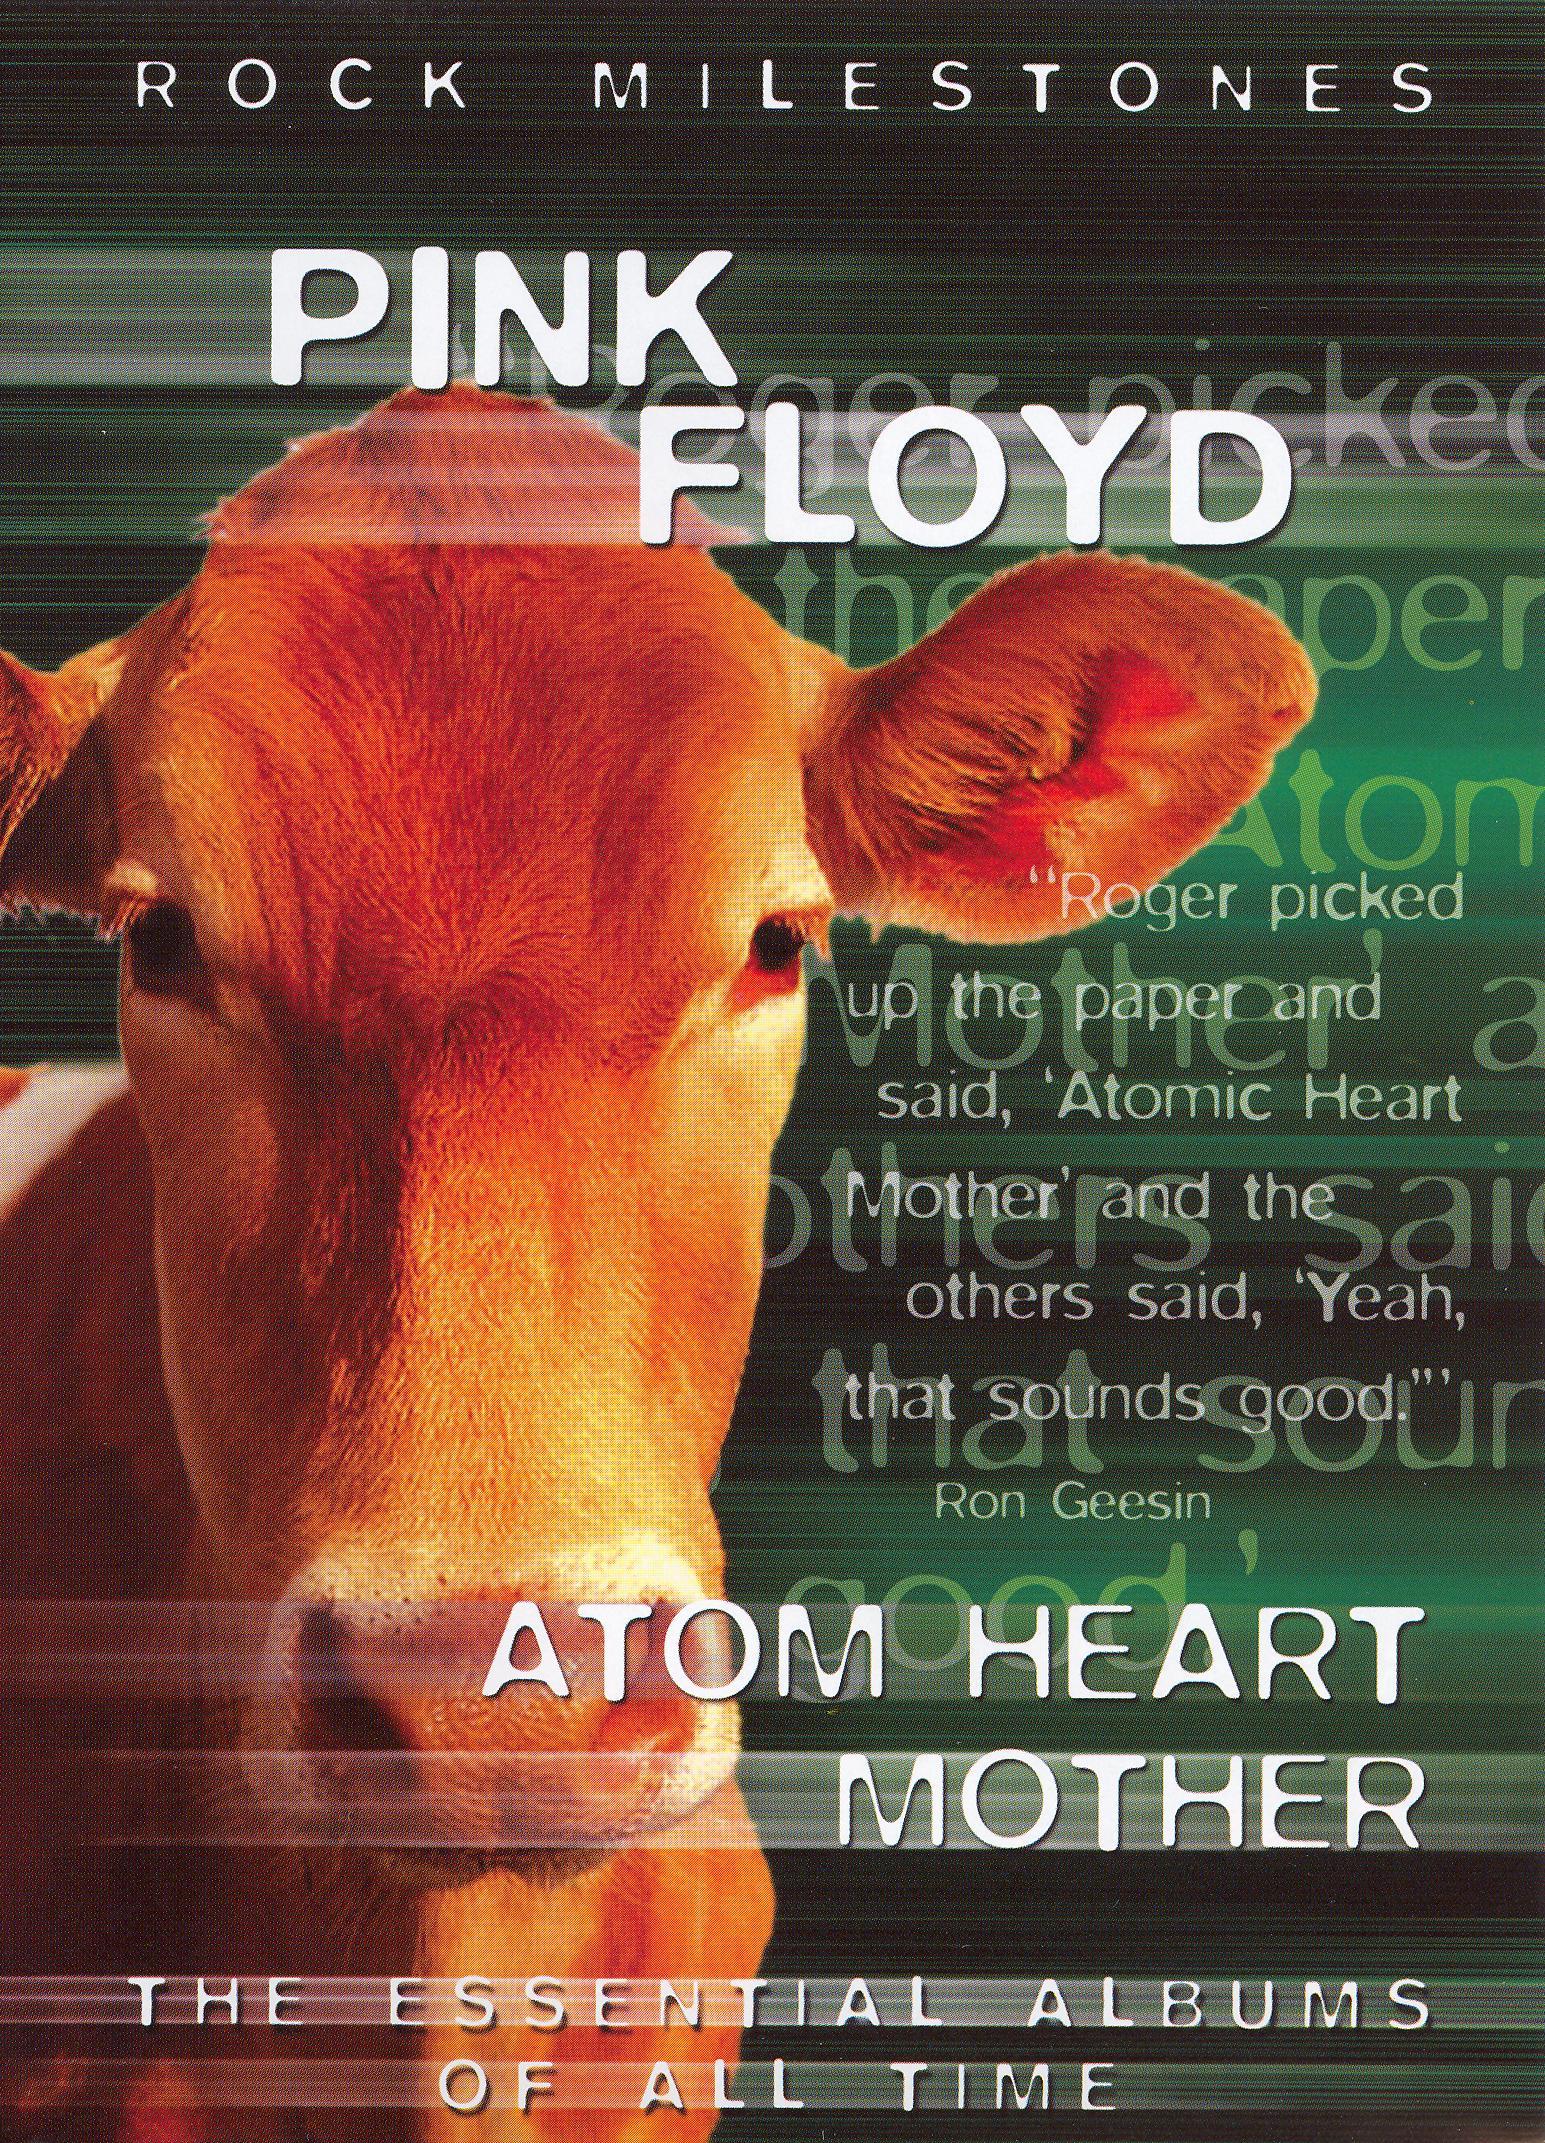 Rock Milestones: Pink Floyd - Atom Heart Mother